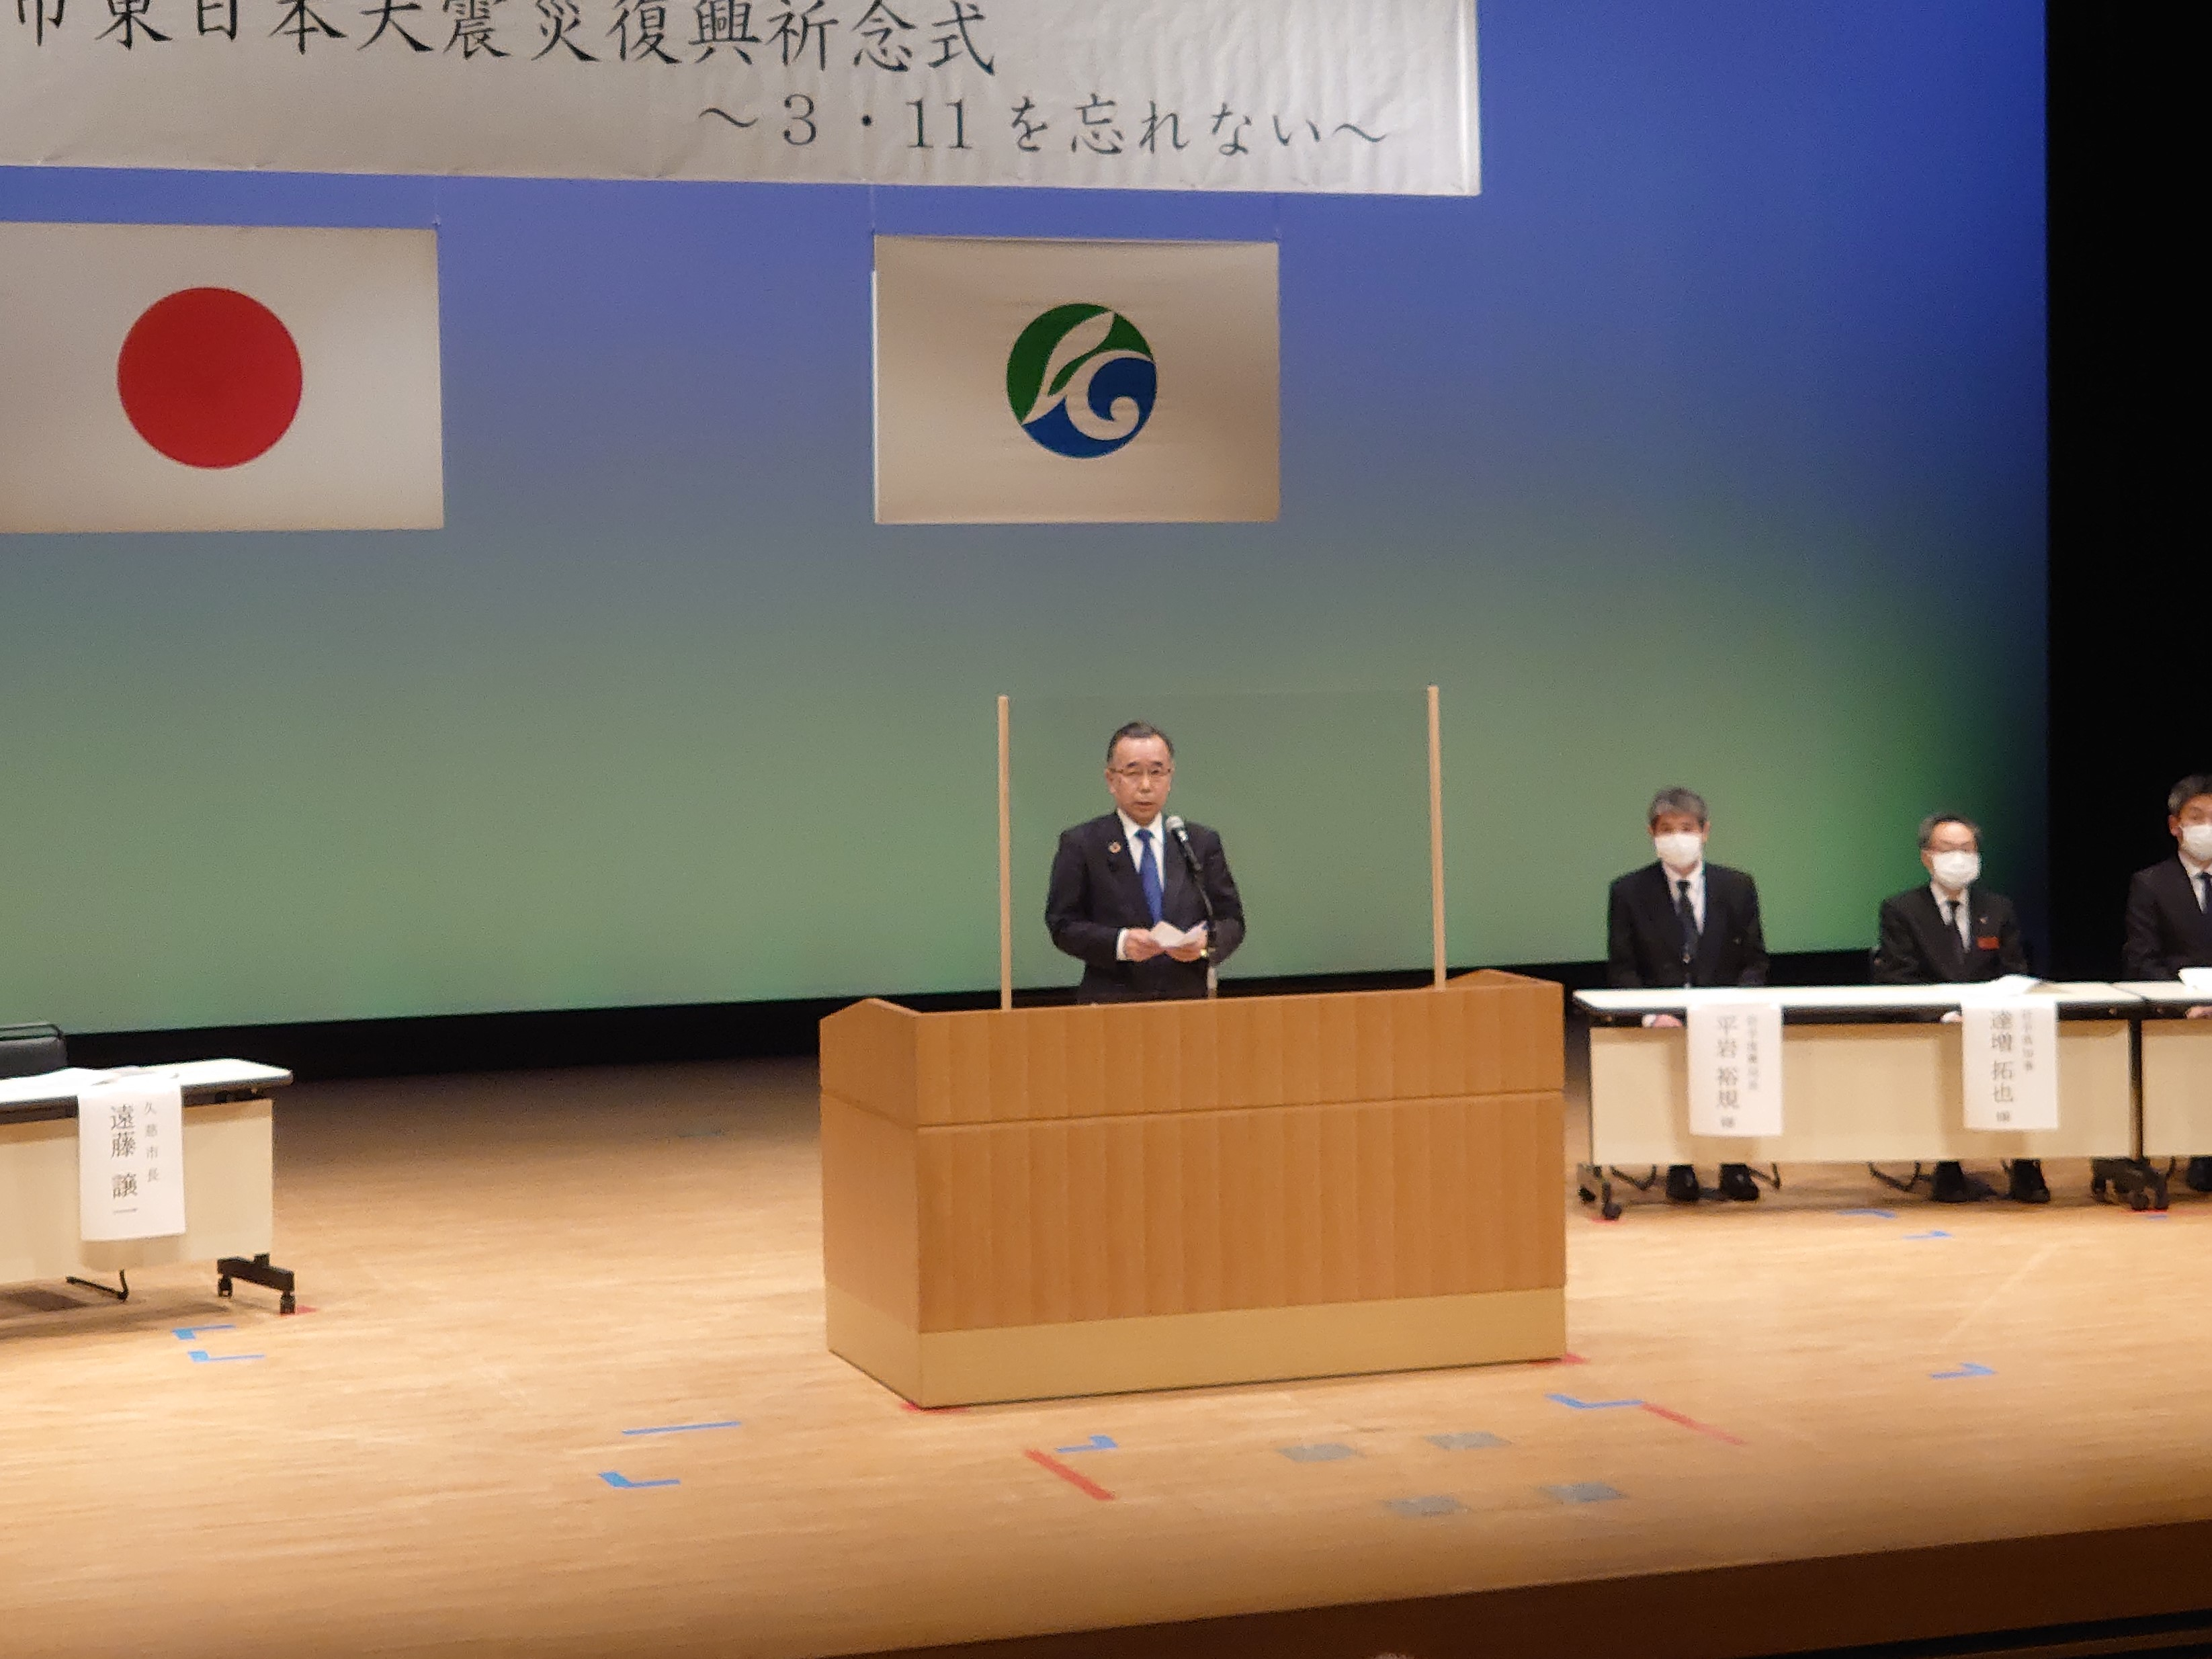 画像:「久慈市東日本大震災復興祈念式 ~3.11を忘れない~」を執り行いました。